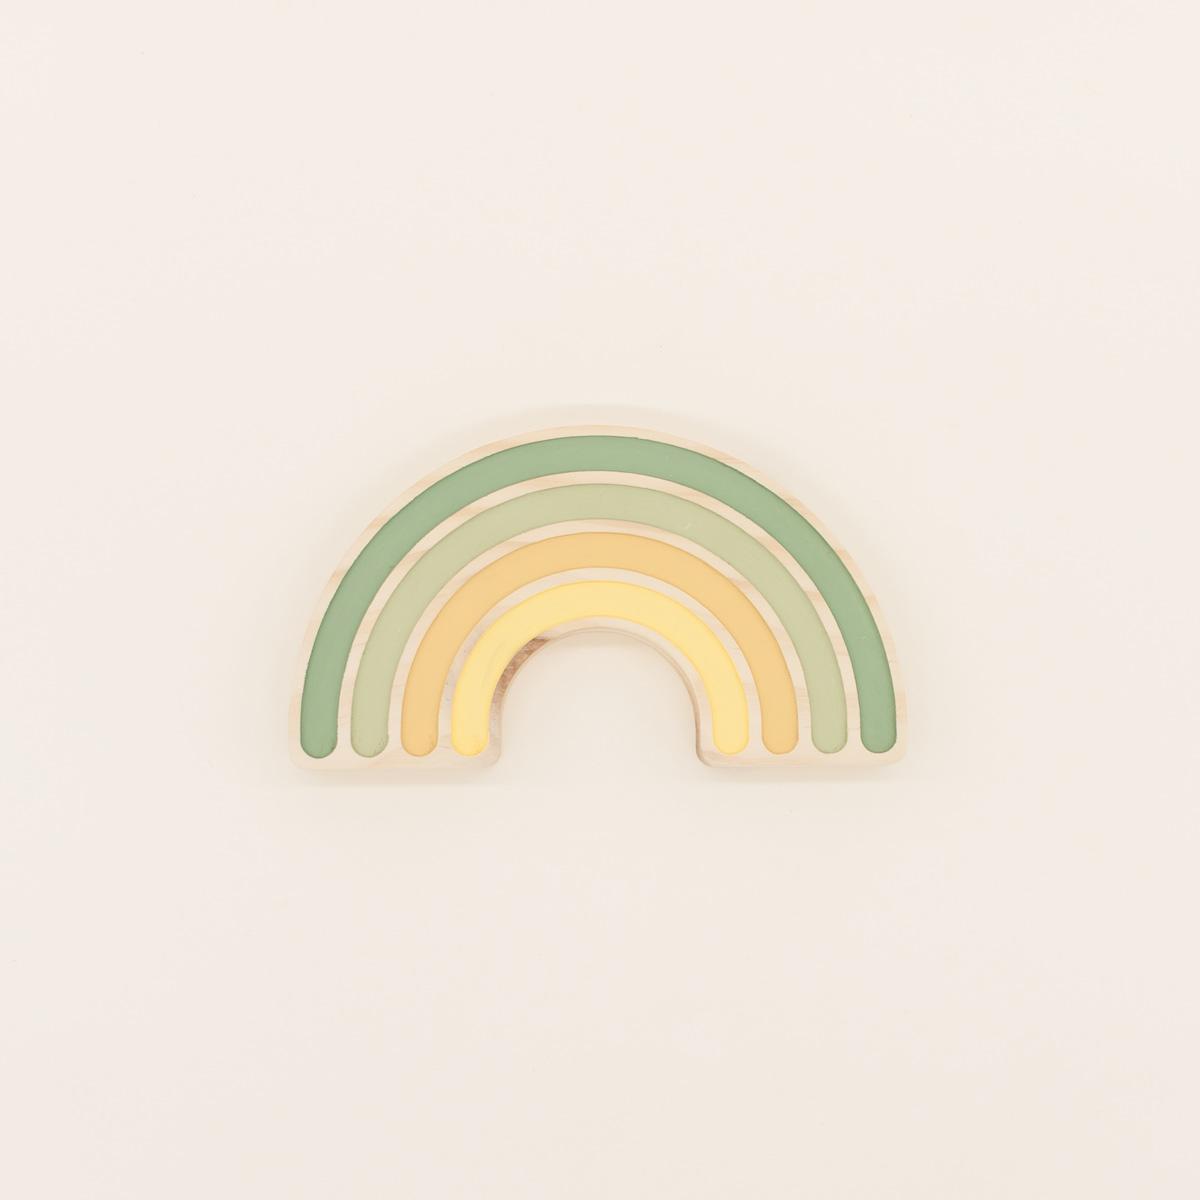 Arcoíris Canastilla Rainbow The Little Revolution Mordedor Canastilla Rainbow The Little Revolution Multicolor Verde